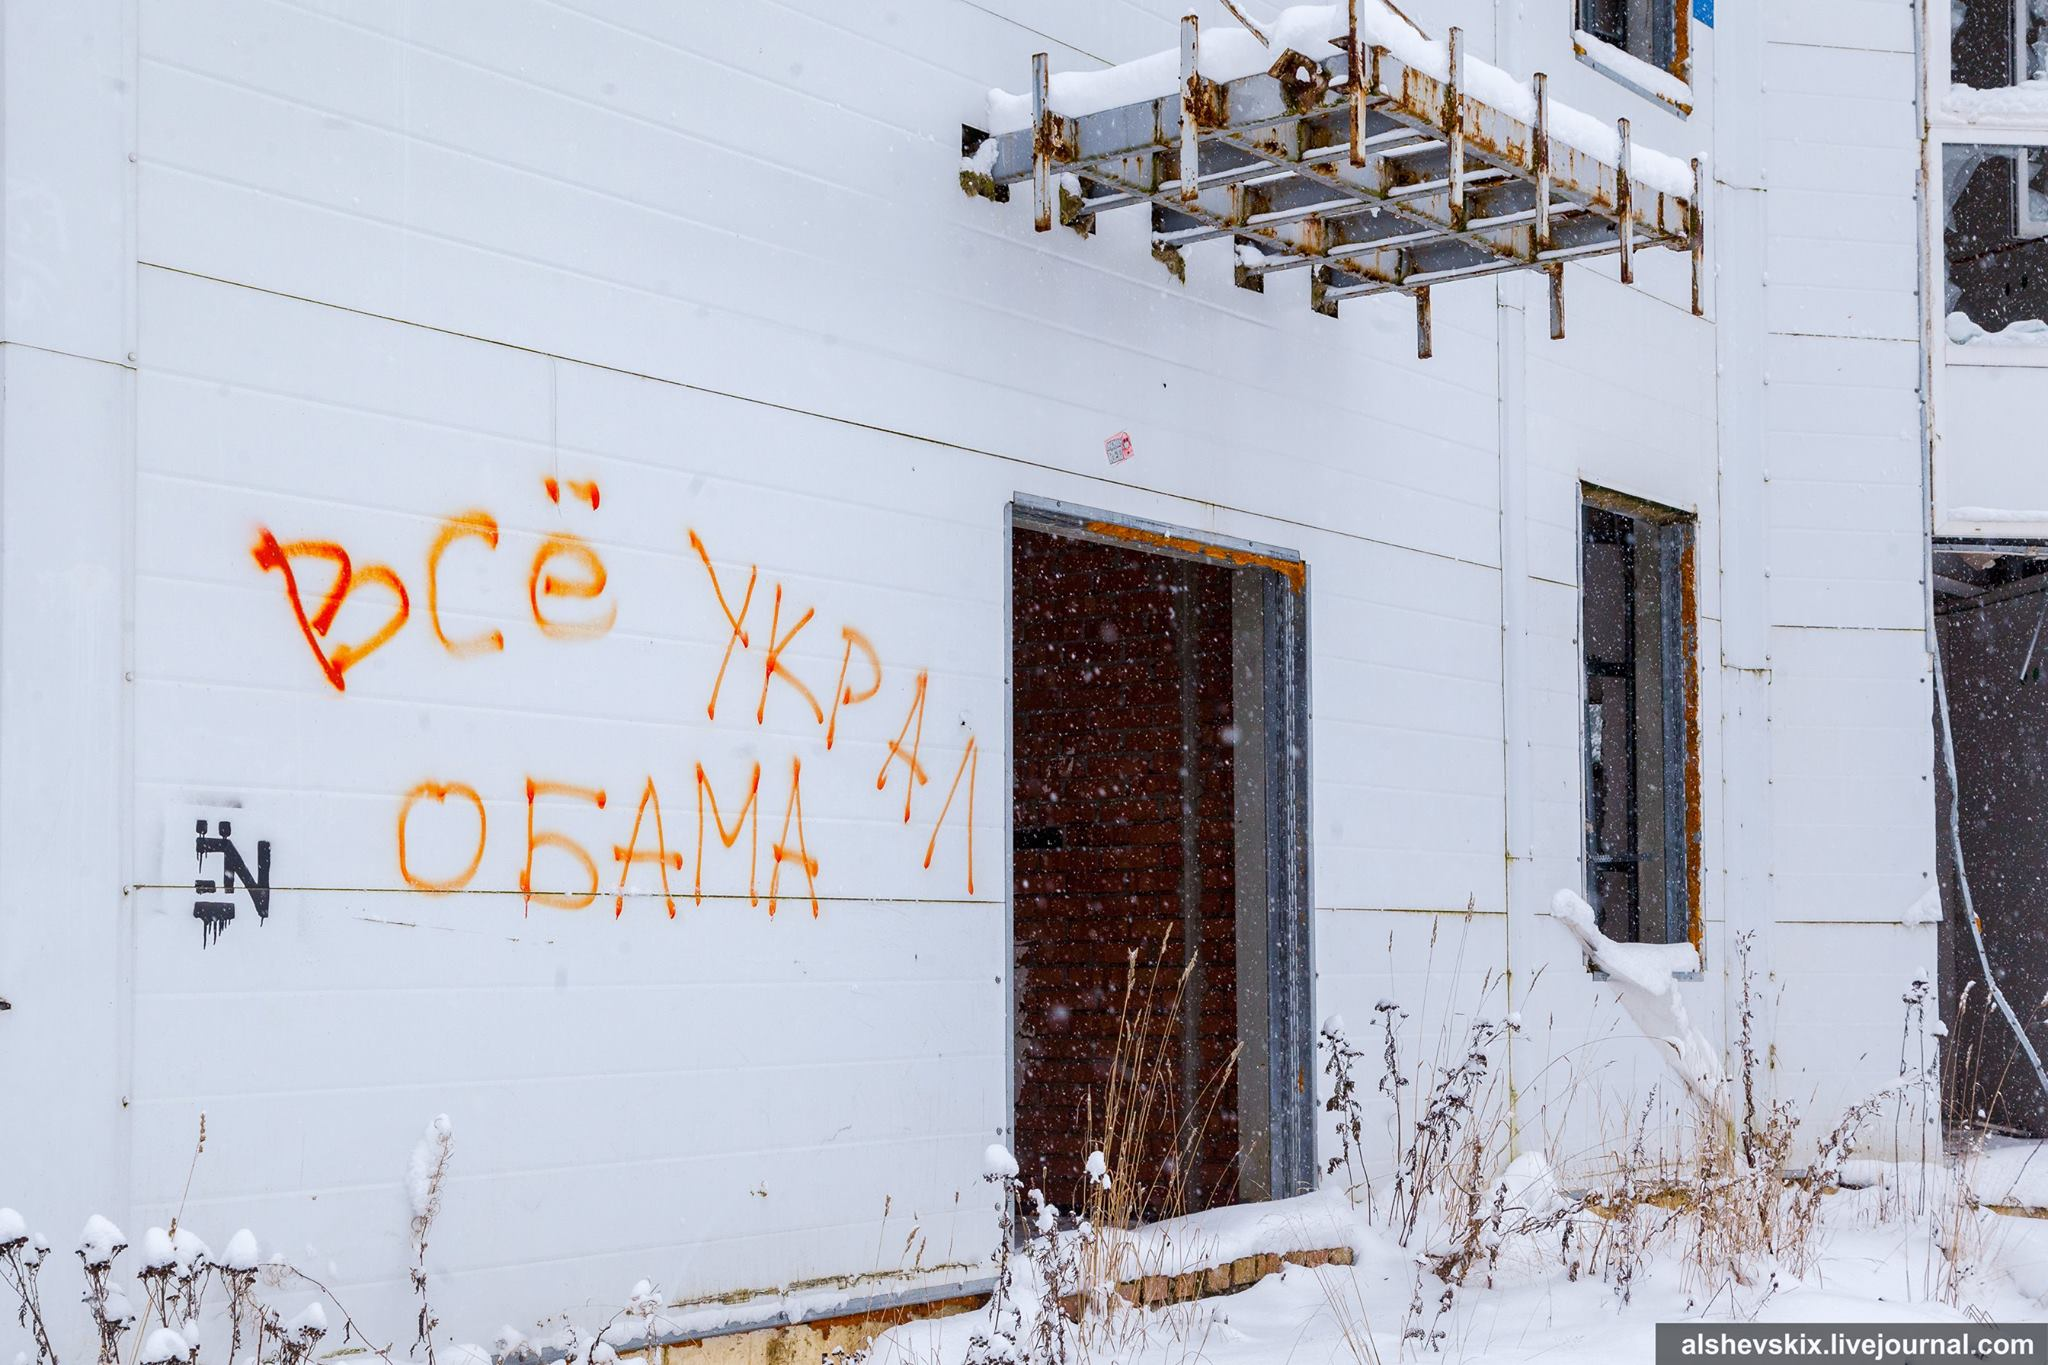 В СЦКК показали последствия обстрела наемниками РФ жилых домов в Трехизбенке - Цензор.НЕТ 1812